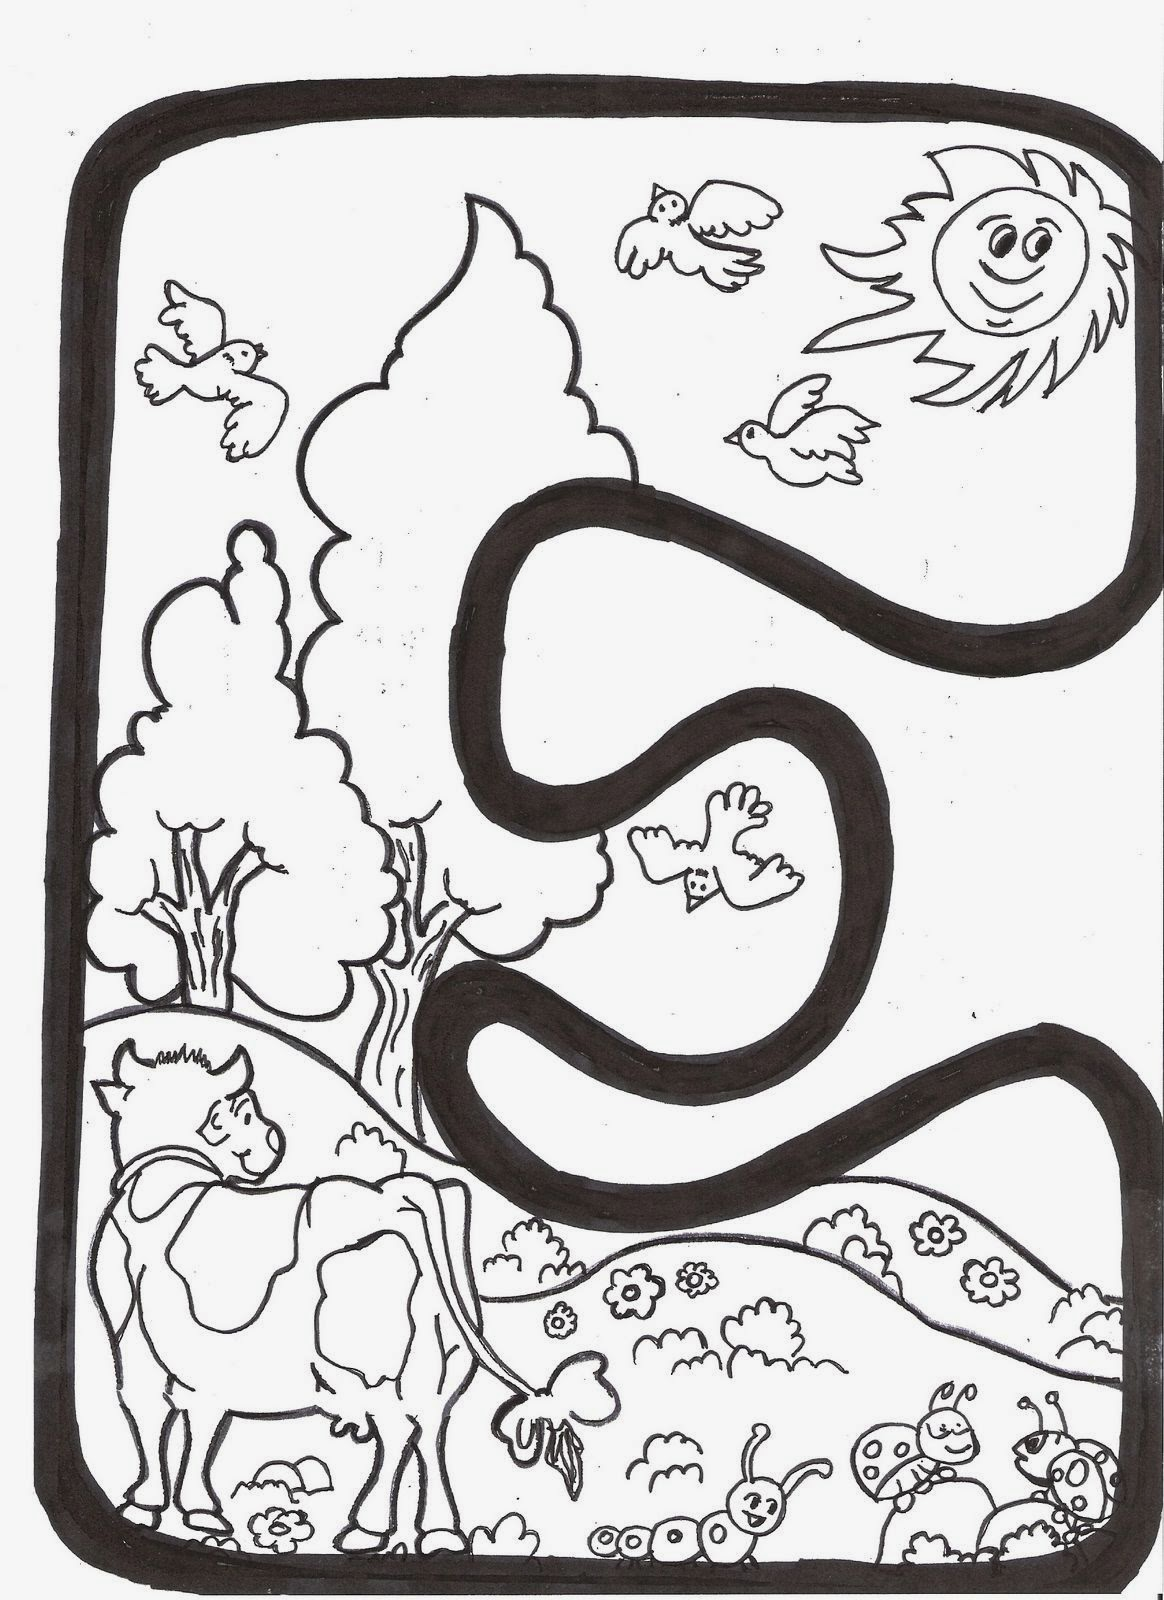 Recursos para Educación Infantil: Letras para colorear La Primavera